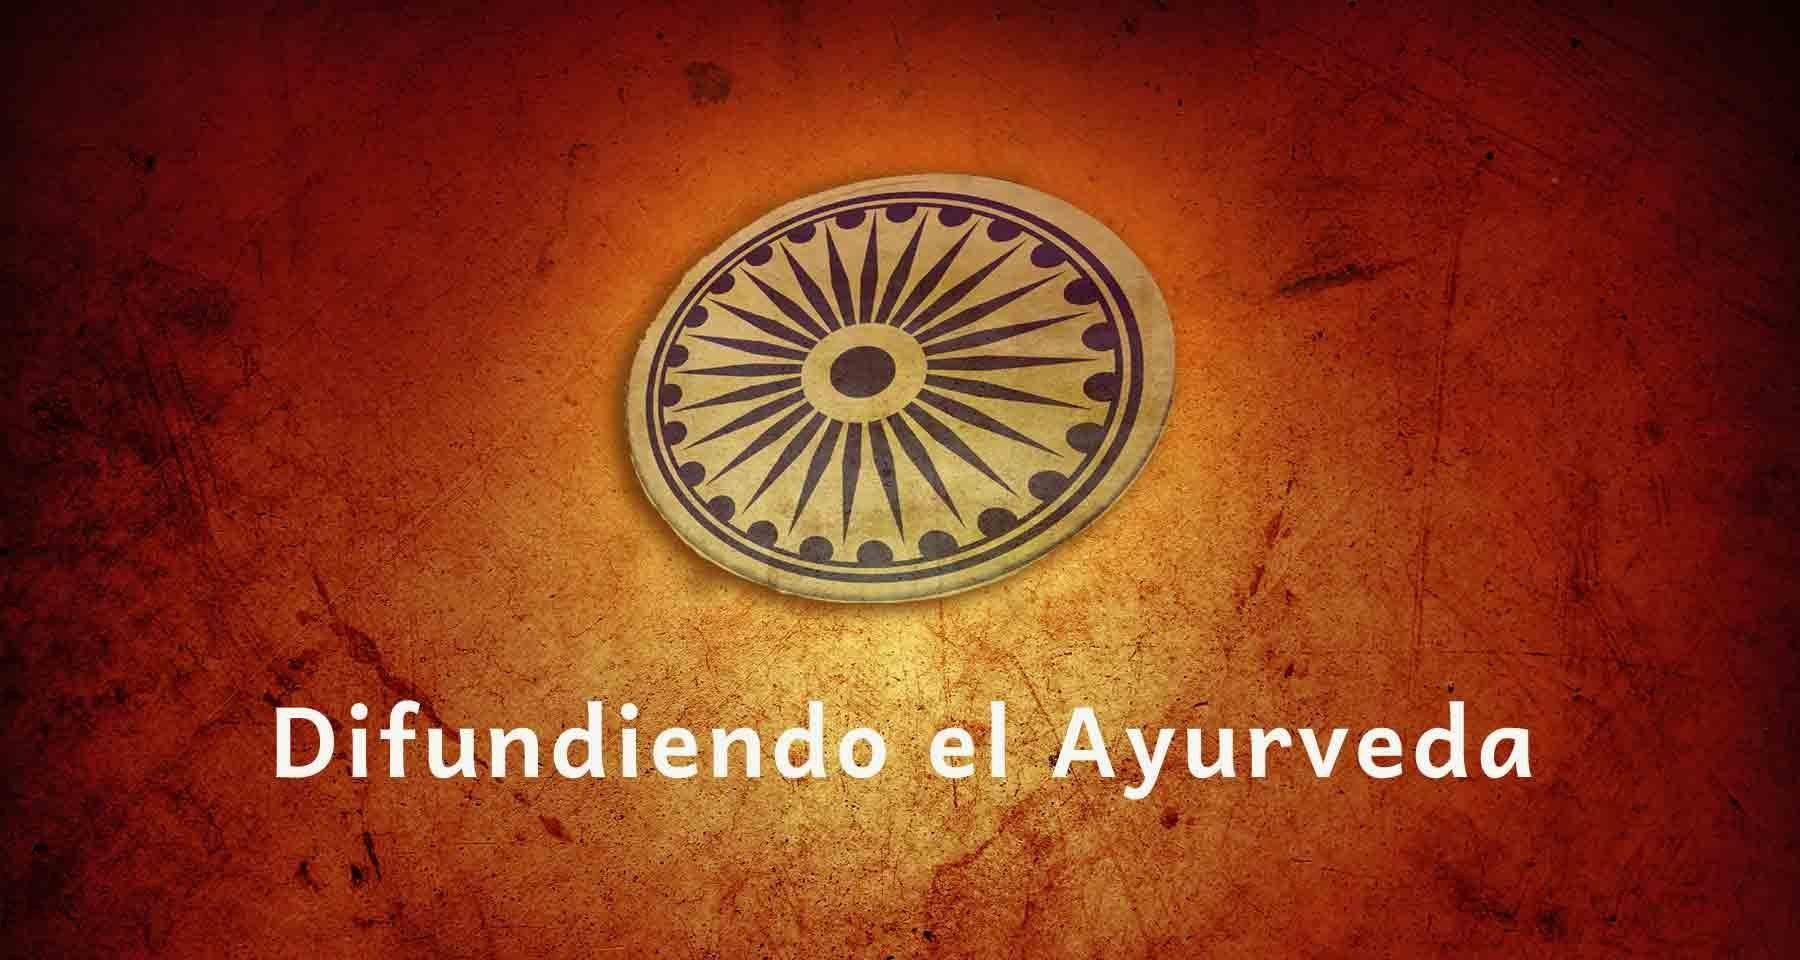 difundir-el-ayurveda-tradicional